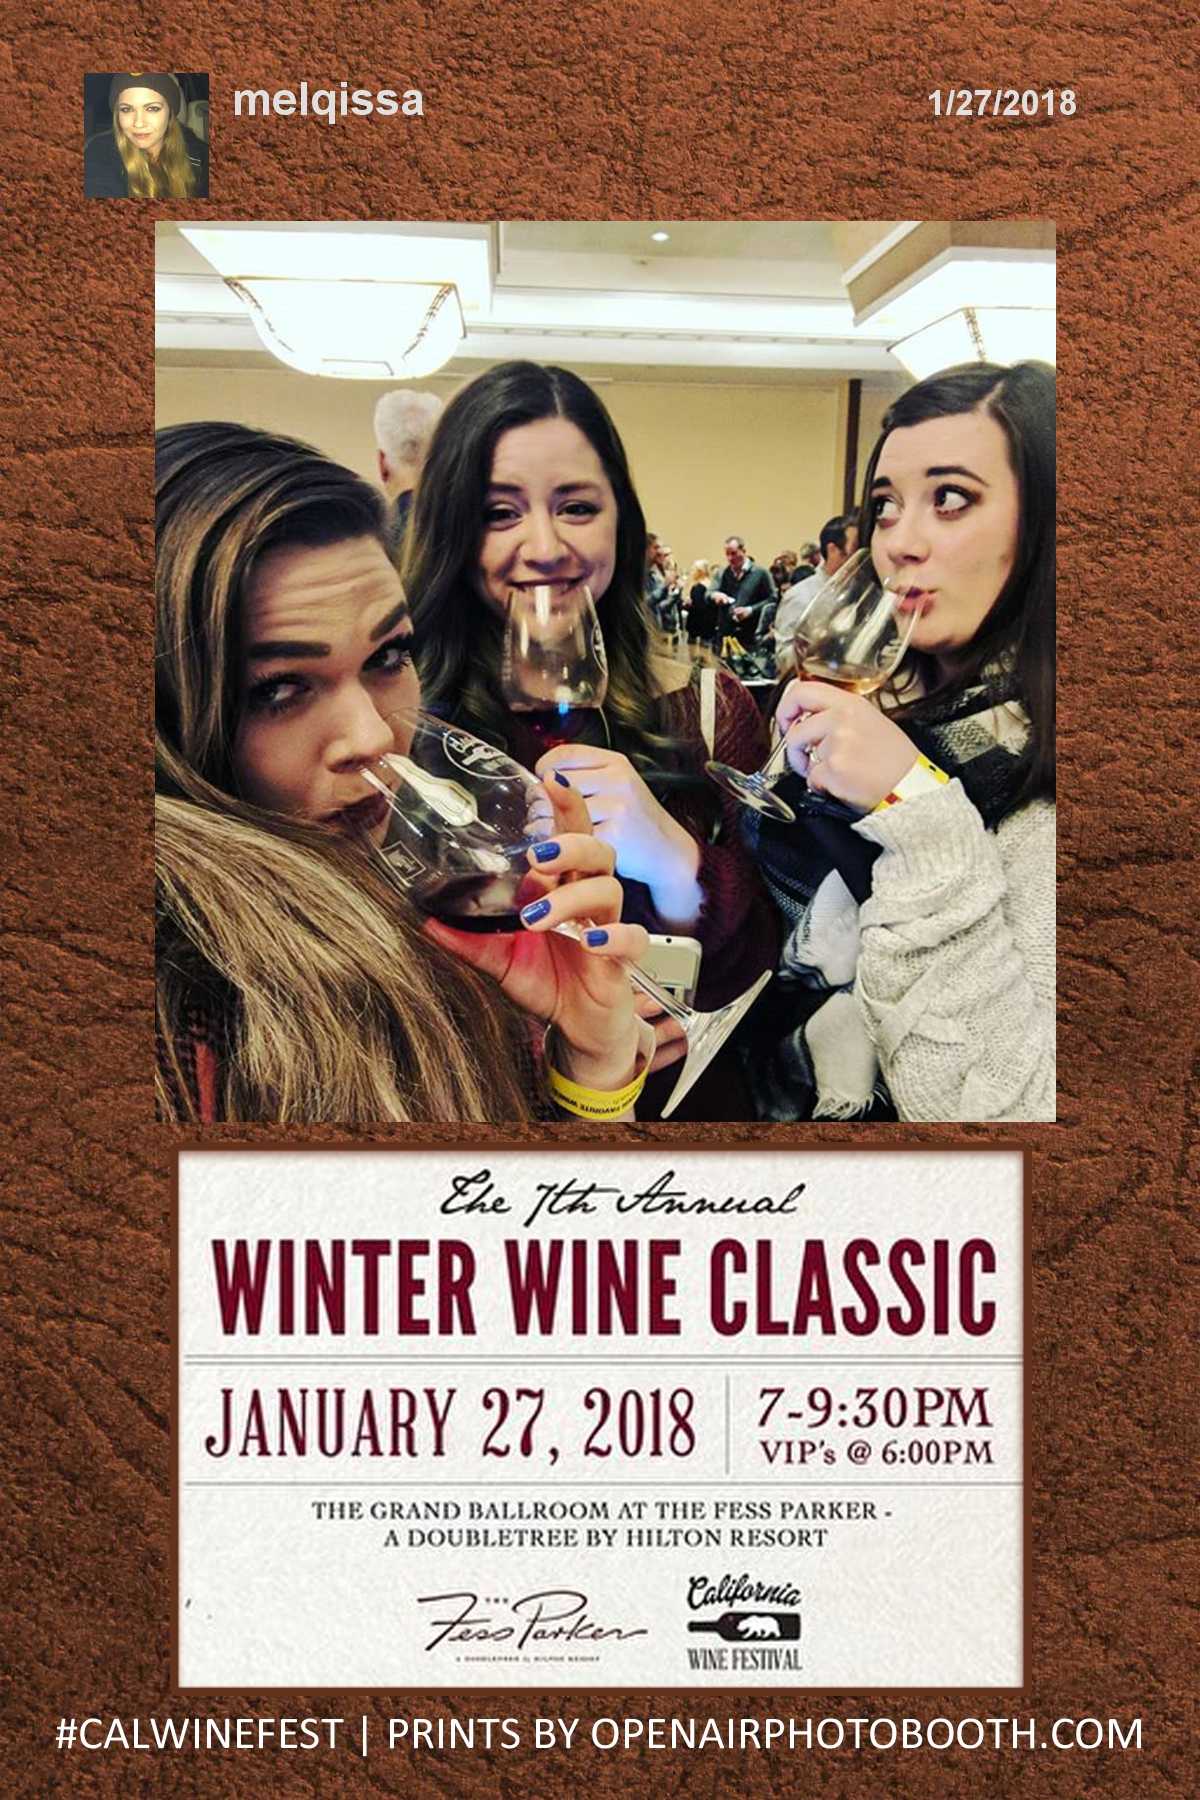 Winter Wine Classic - Hashtag Printer 2